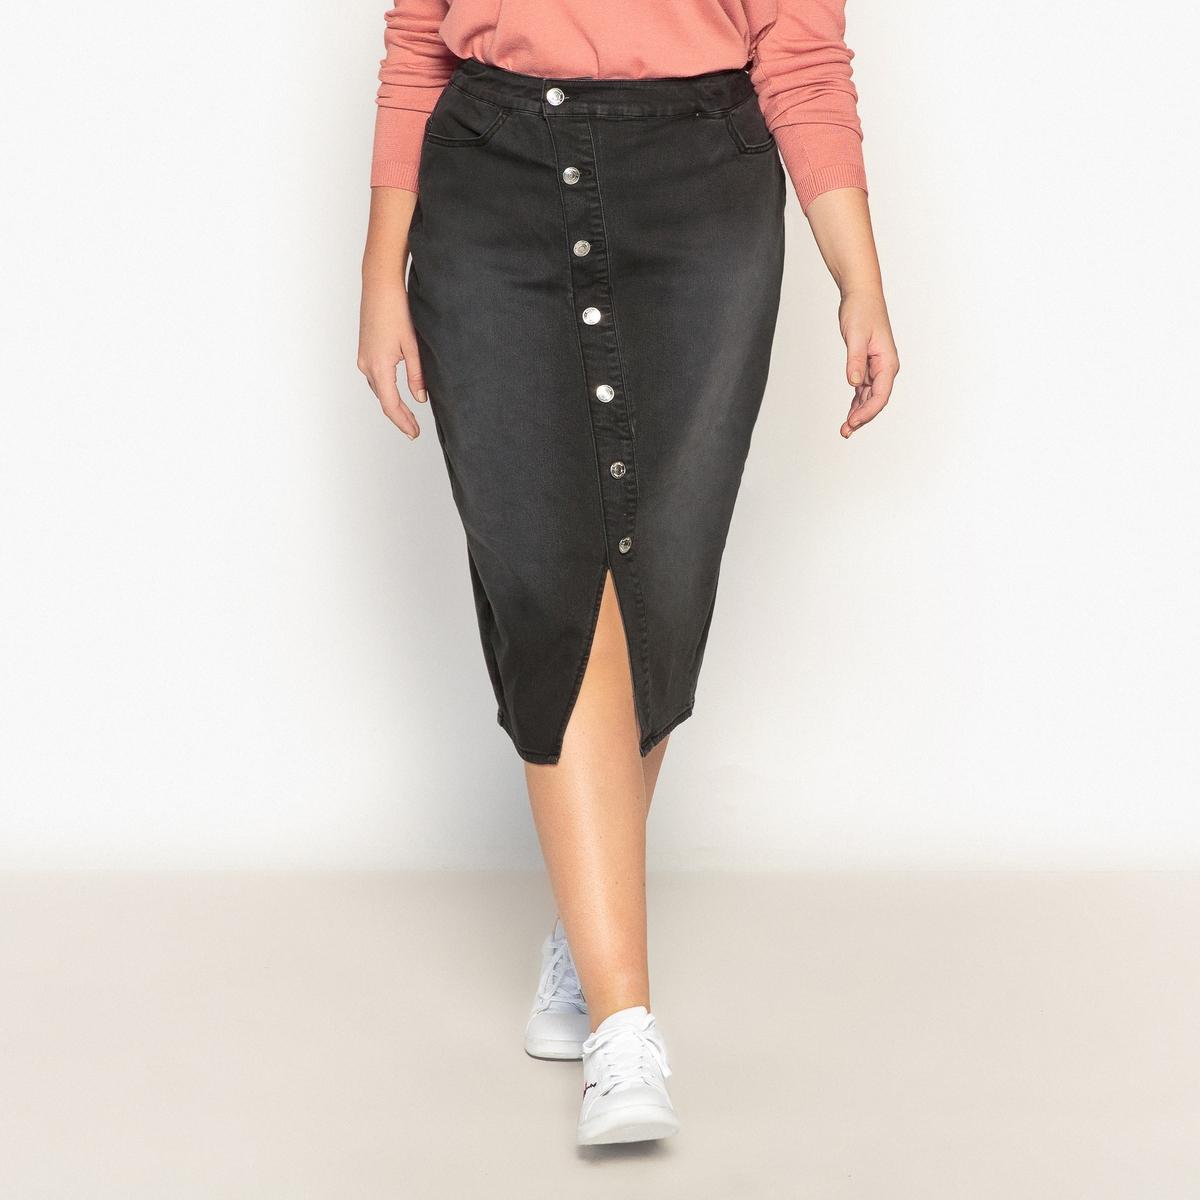 Юбкаиз денима на пуговицахВ этом сезоне деним снова в моде . Эта юбка с застежкой на пуговицы сзади -на пике моды . Можно носить в сочетании с кедами для свободного стиля   .Детали •  Форма : прямая •  Длина ниже колен Состав и уход •  78% хлопка, 2% эластана, 20% полиэстера •  Подкладка : 100% хлопок •  Температура стирки 30°   •  Сухая чистка и отбеливание запрещены •  Не использовать барабанную сушку   •  Низкая температура глажки   ВАЖНО: Товар без манжетТовар из коллекции больших размеров •  Длина : 70 см<br><br>Цвет: черный<br>Размер: 42 (FR) - 48 (RUS).48 (FR) - 54 (RUS).46 (FR) - 52 (RUS)